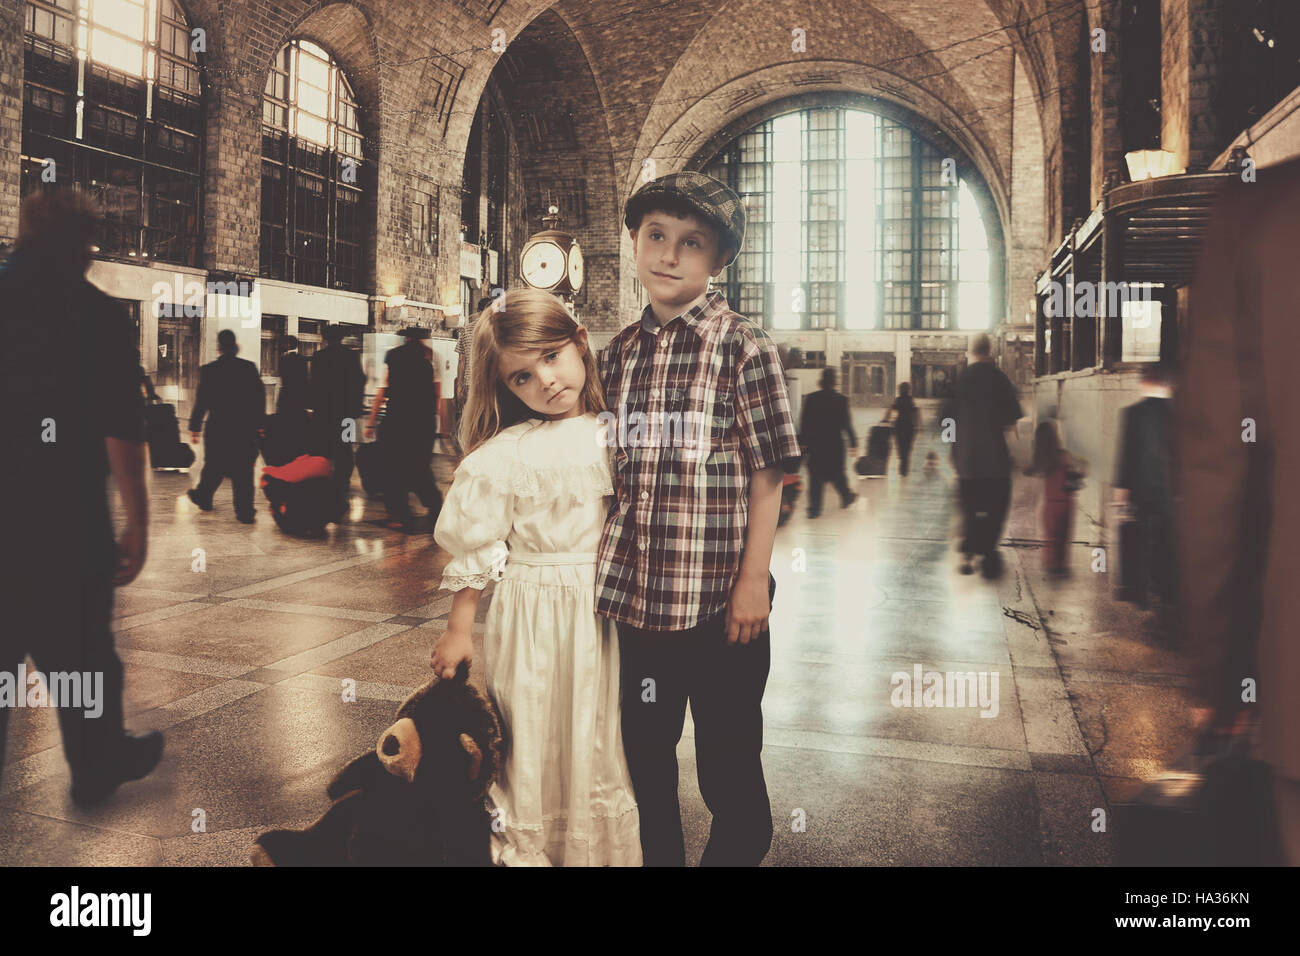 Deux jeunes enfants voyageur vintage sont debout dans une ancienne gare en attente de transport pour un voyage imaginaire ou le concept. Banque D'Images